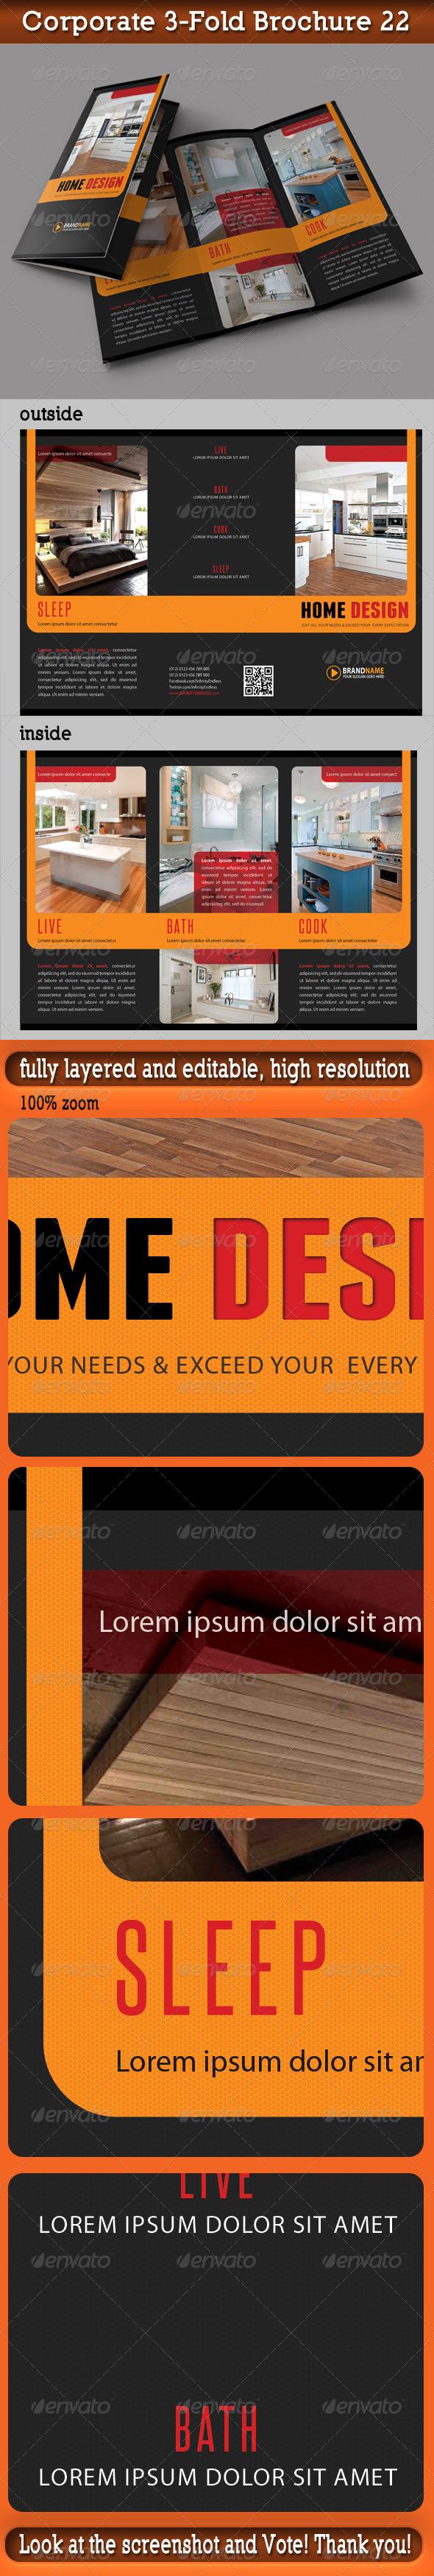 Corporate 3-Fold Brochure 22 - Corporate Brochures